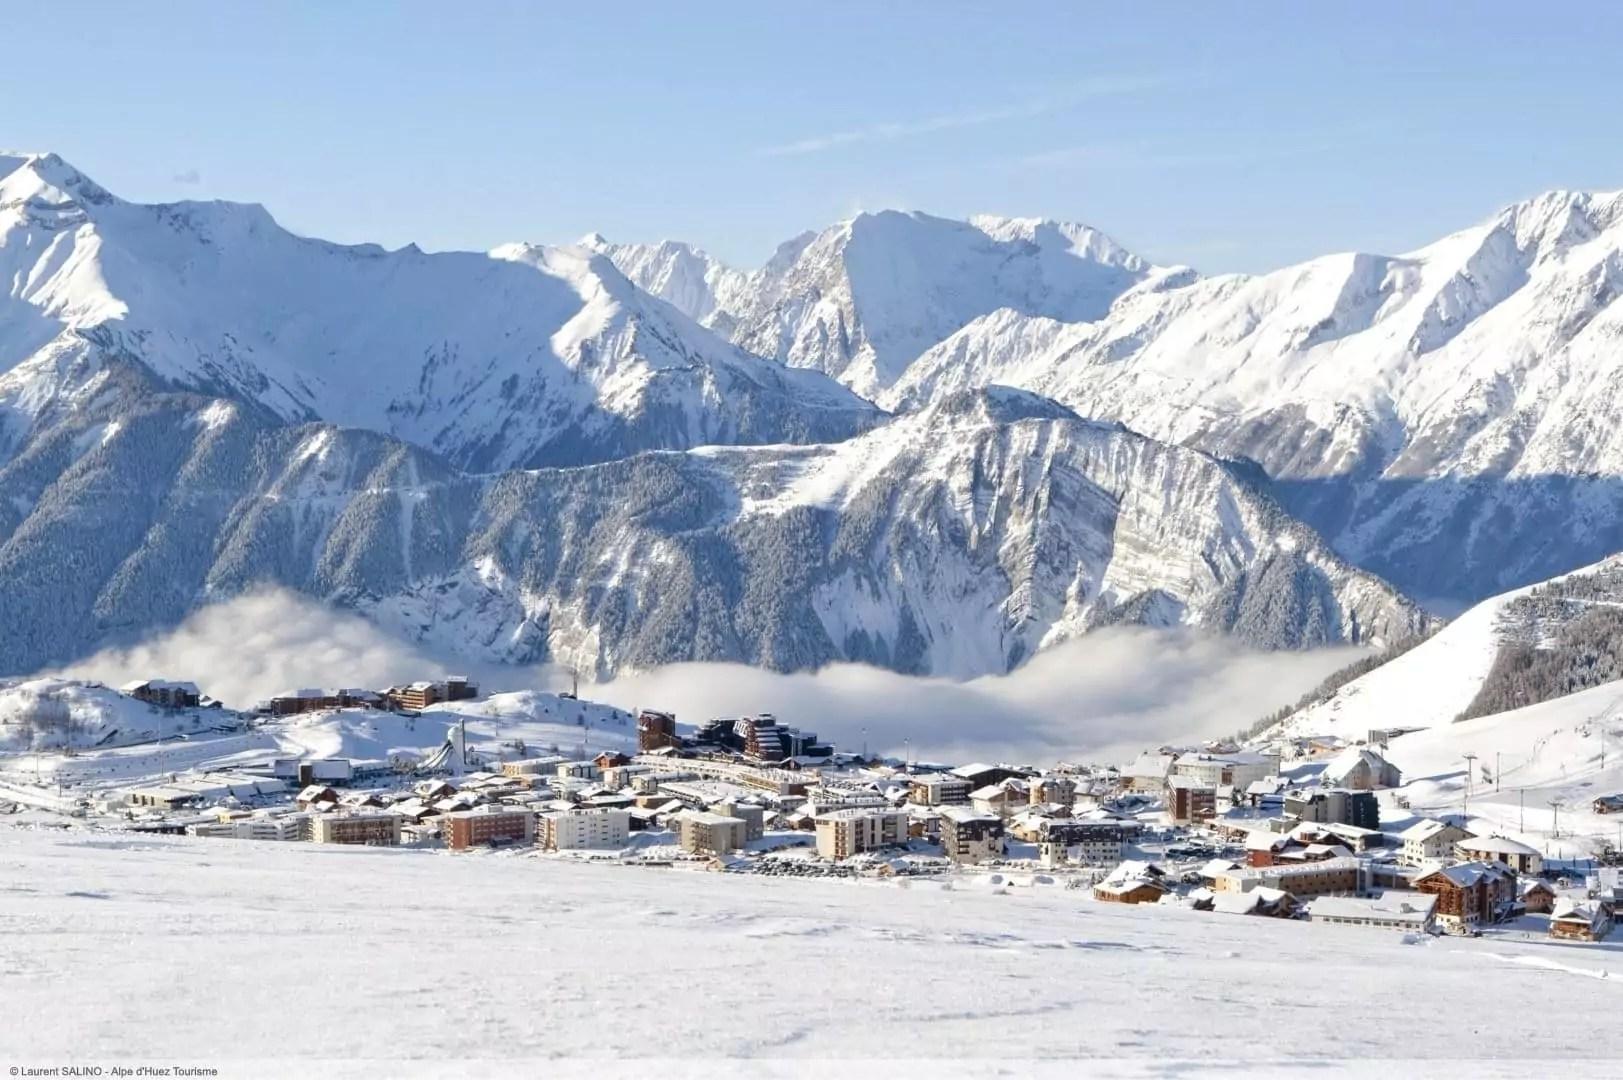 wintersport en aanbiedingen in Alpe d'Huez